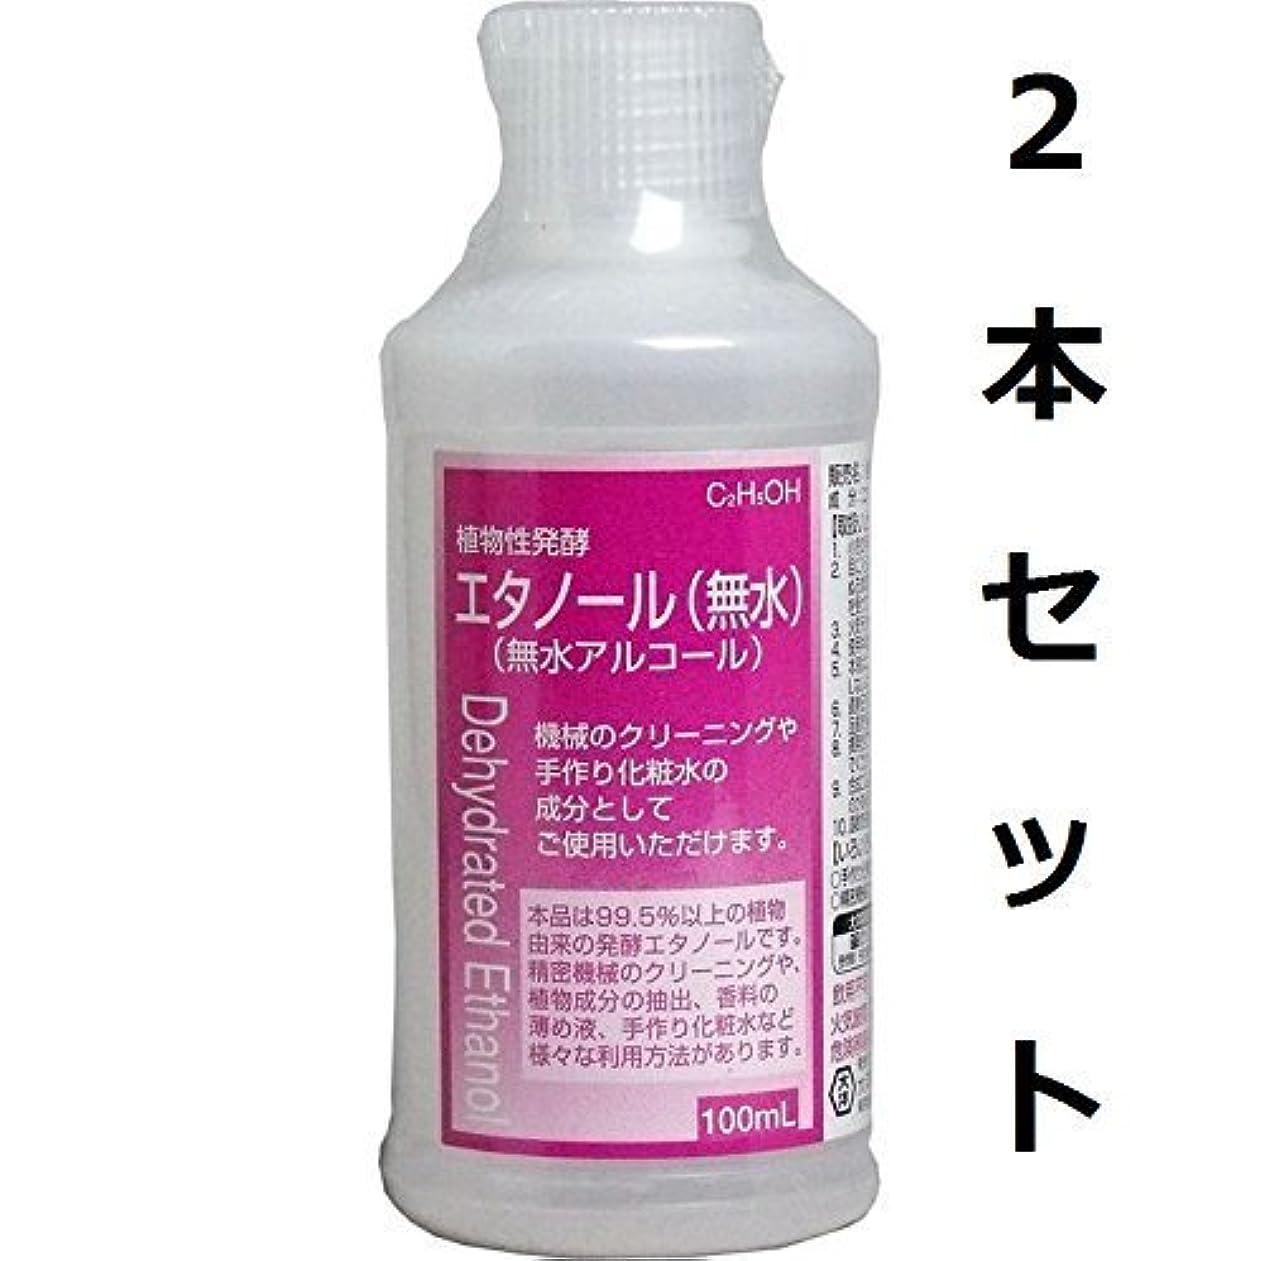 教え検査テスピアン香料の薄め液に 植物性発酵エタノール(無水エタノール) 100mL 2本セット by 大洋製薬